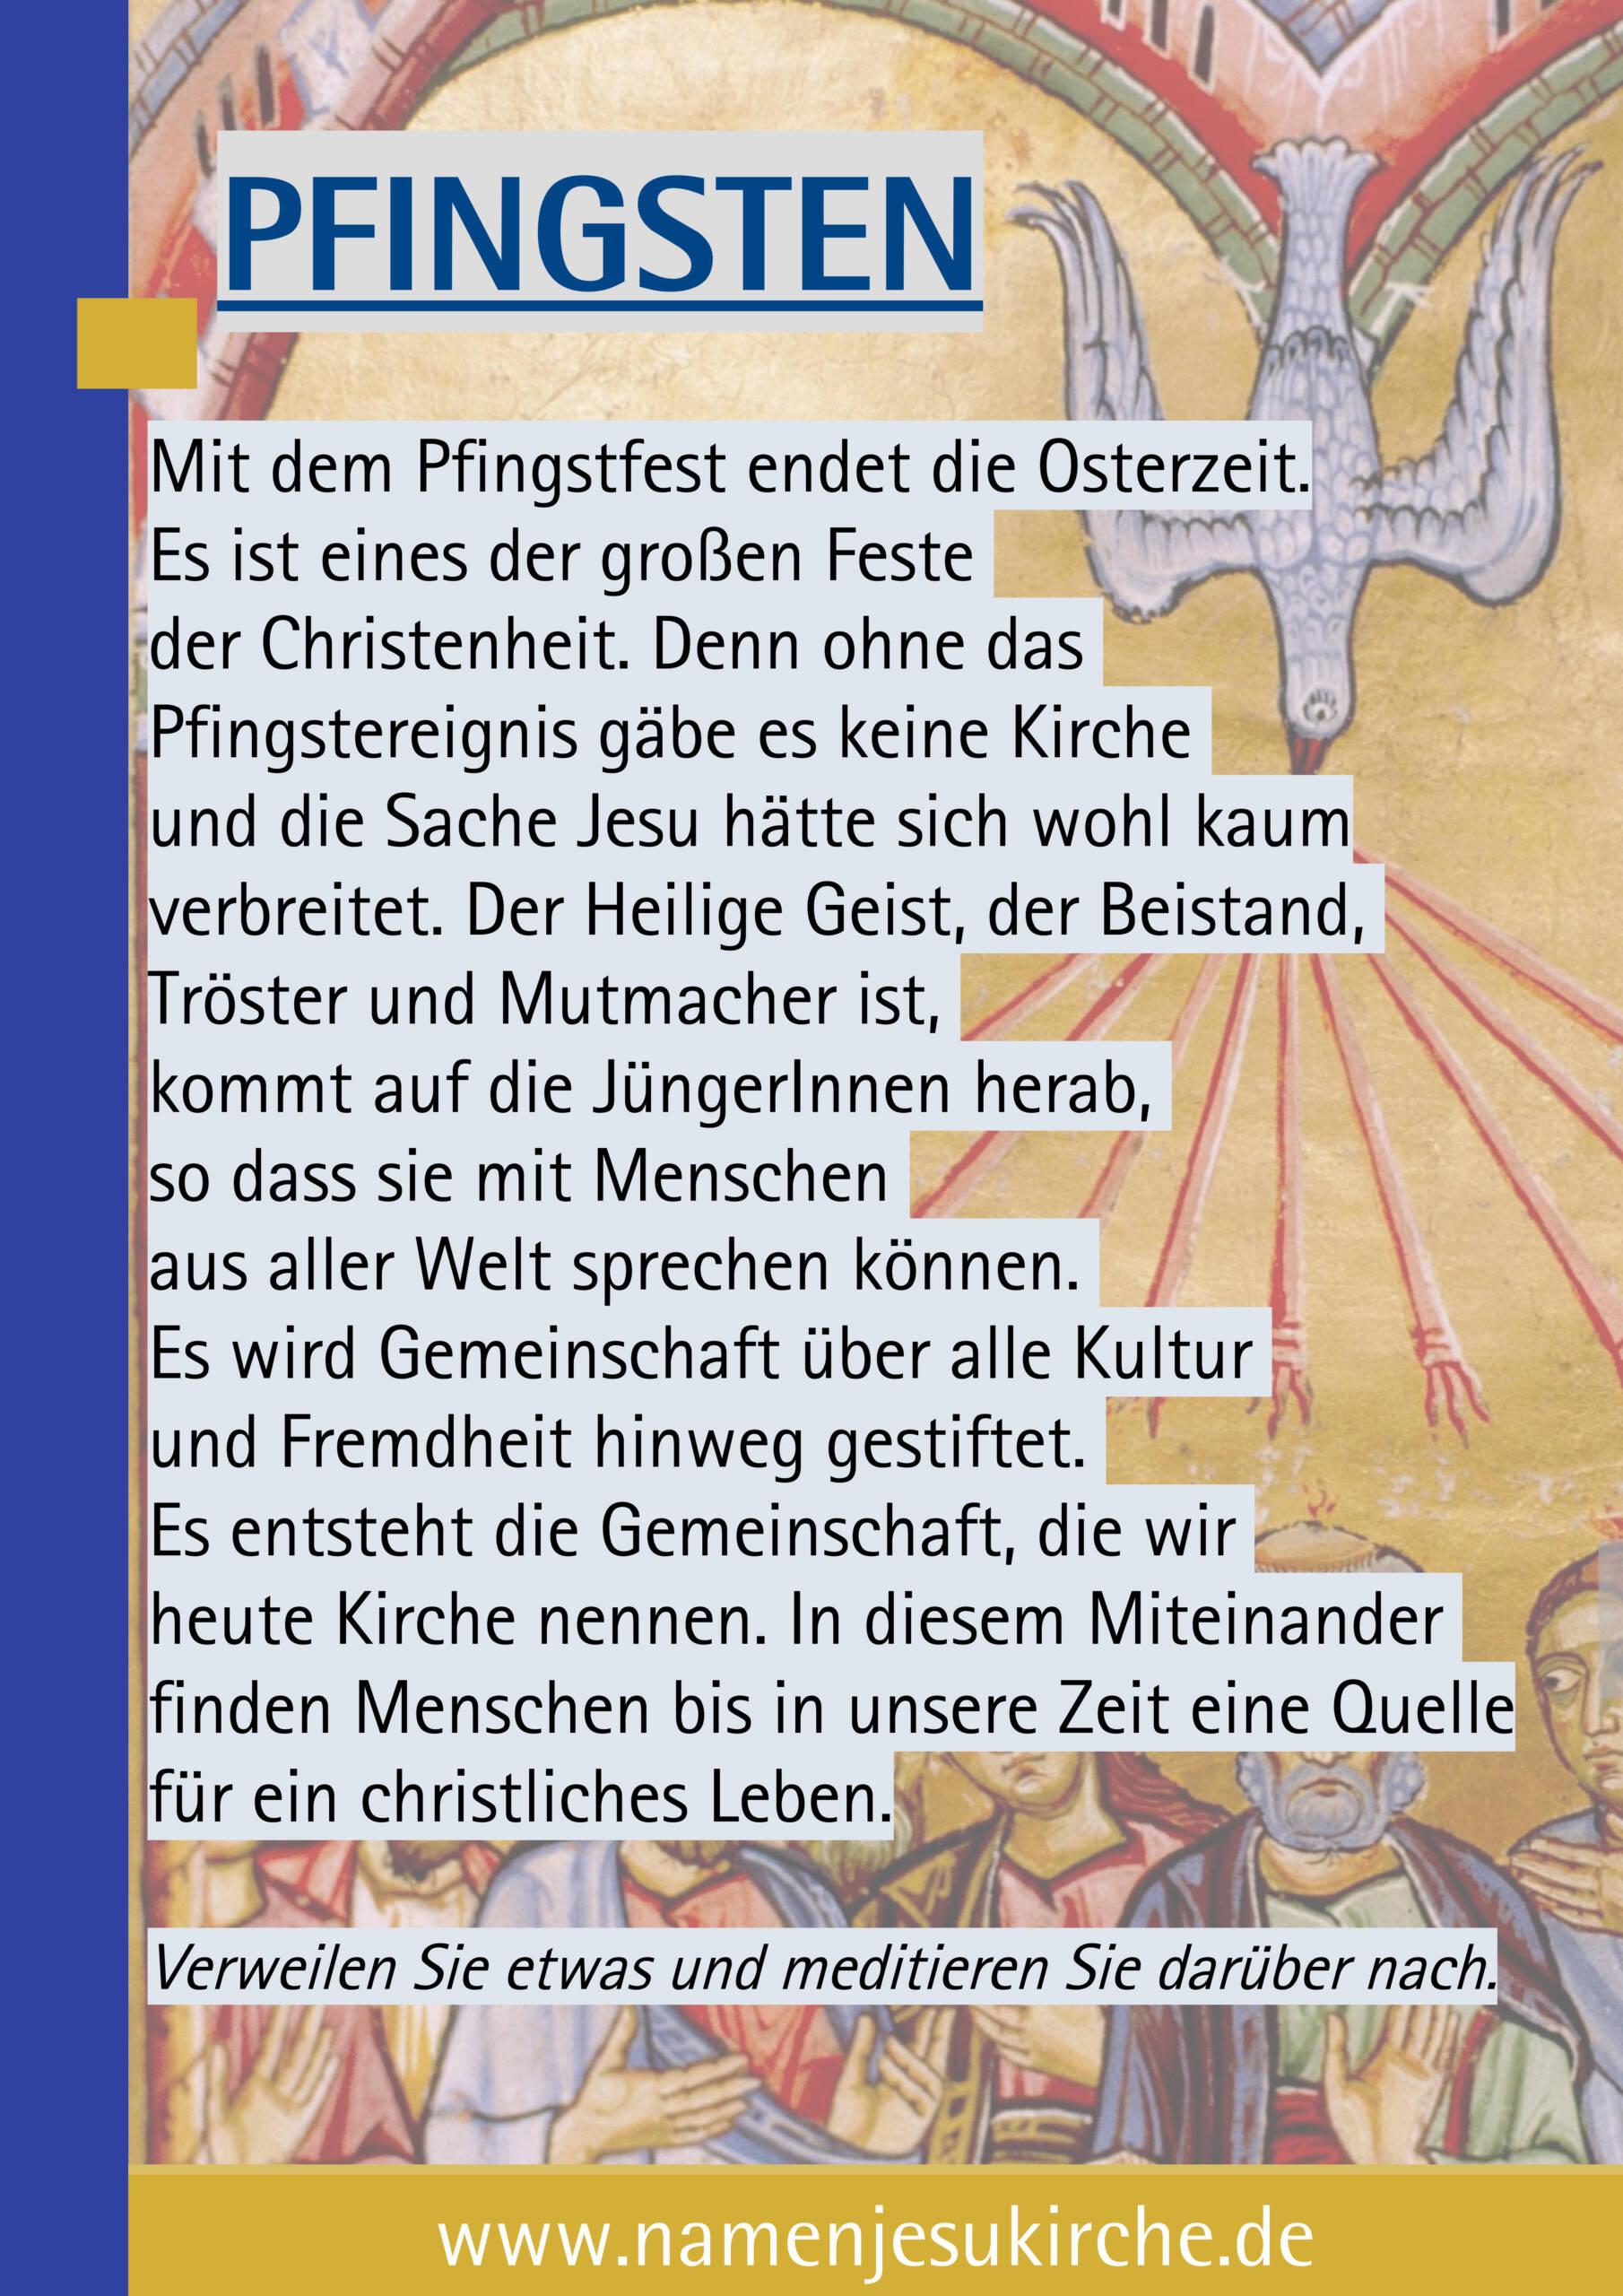 Plakat zu Pfingsten